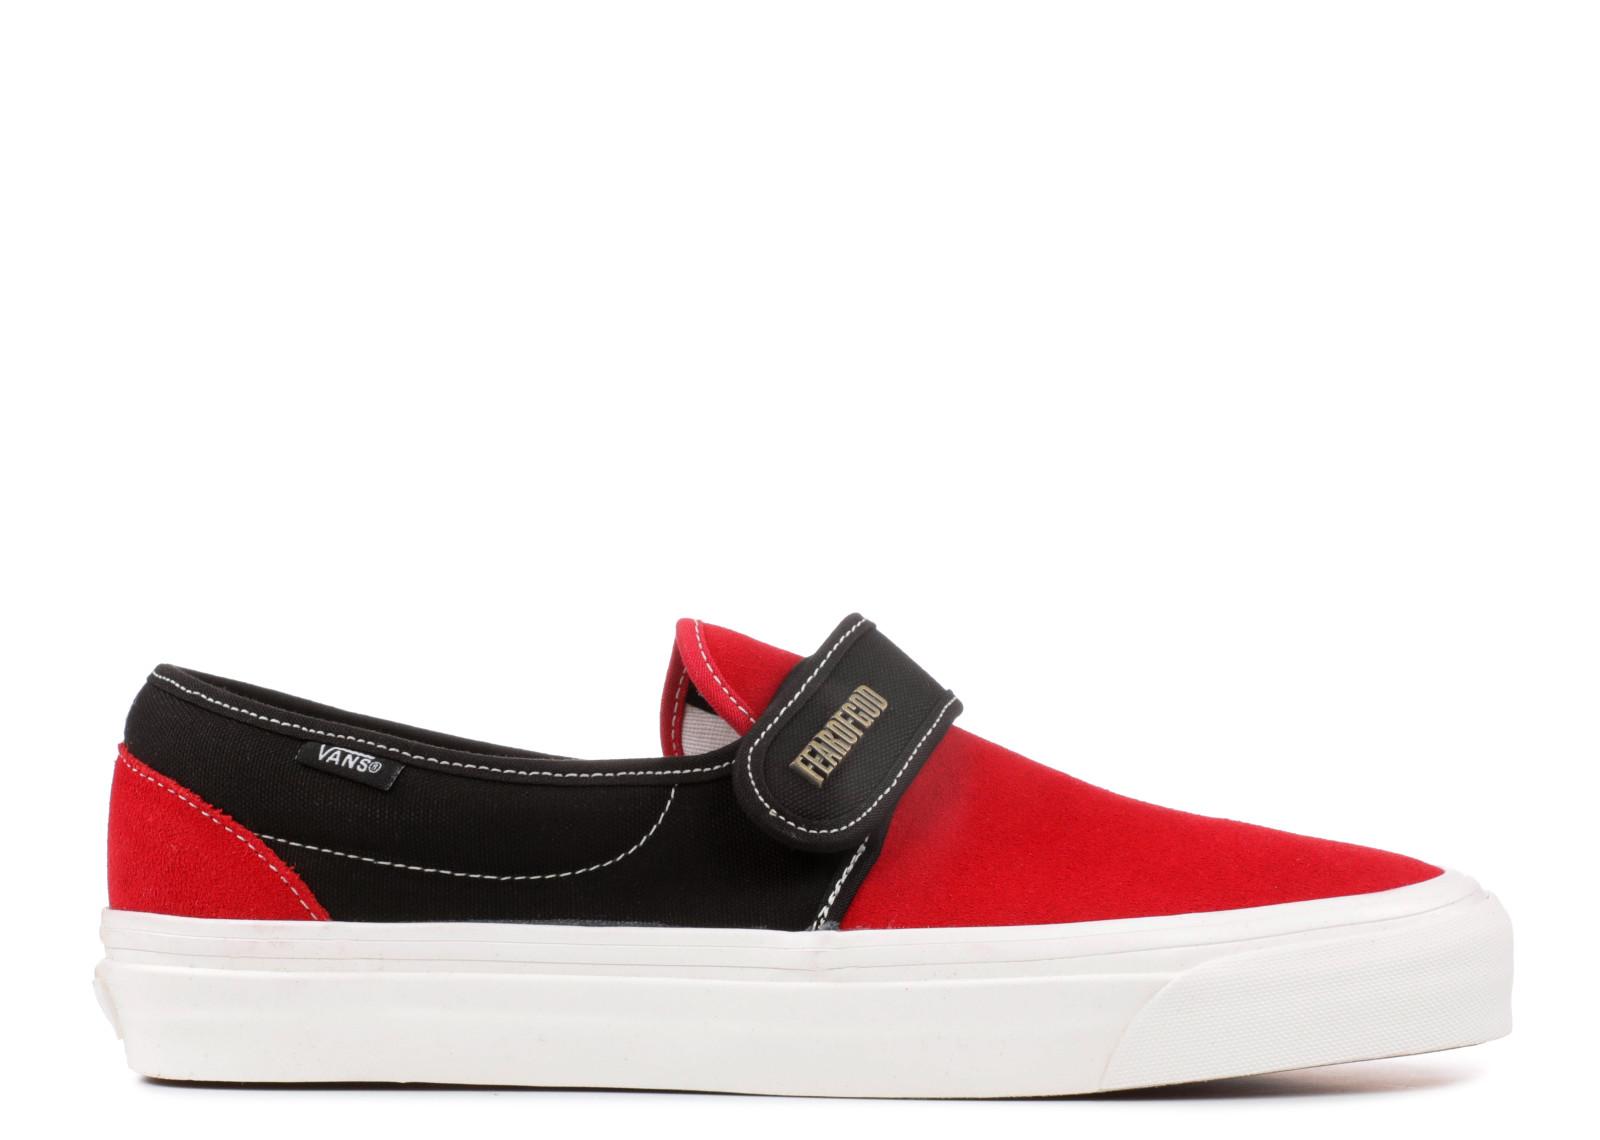 バンズ スリッポン デラックス フェア ゴッド メンズ 男性用 靴 スニーカー メンズ靴 【 VANS SLIPON 47 V DX FEAR OF GOD RED BLACK SUEDE 】